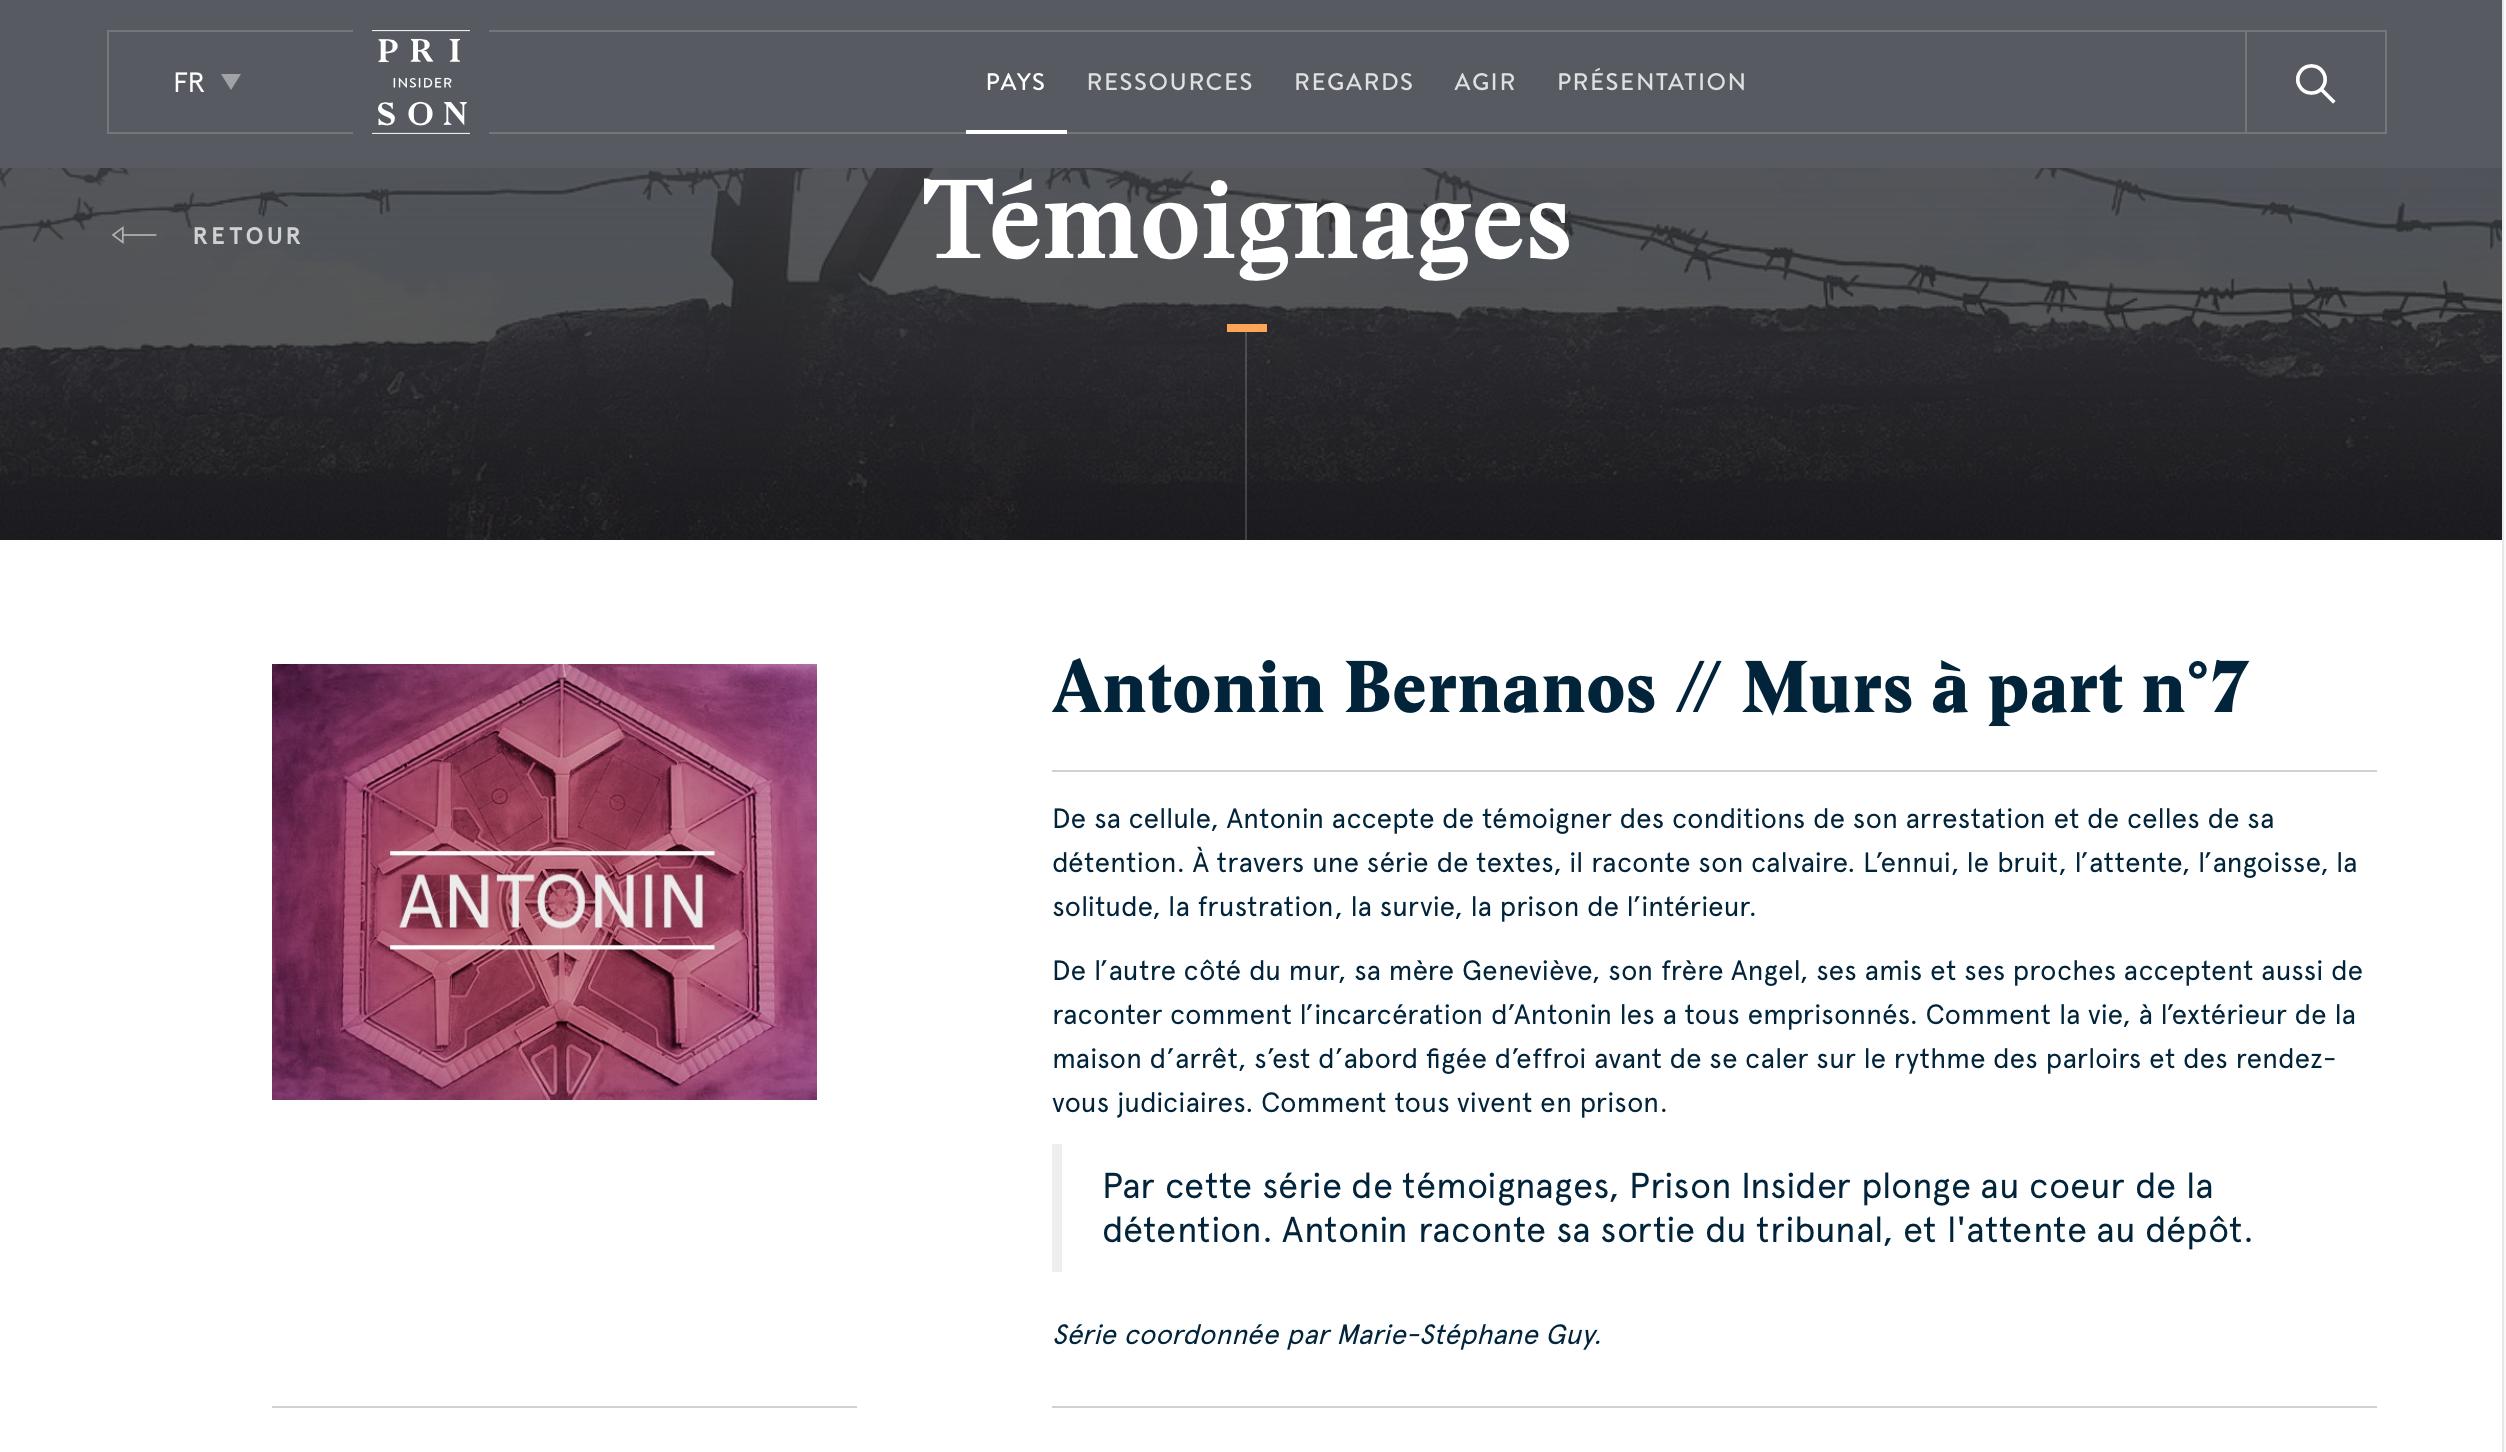 Antonin Bernanos : la suite de son témoignage sur le site ...